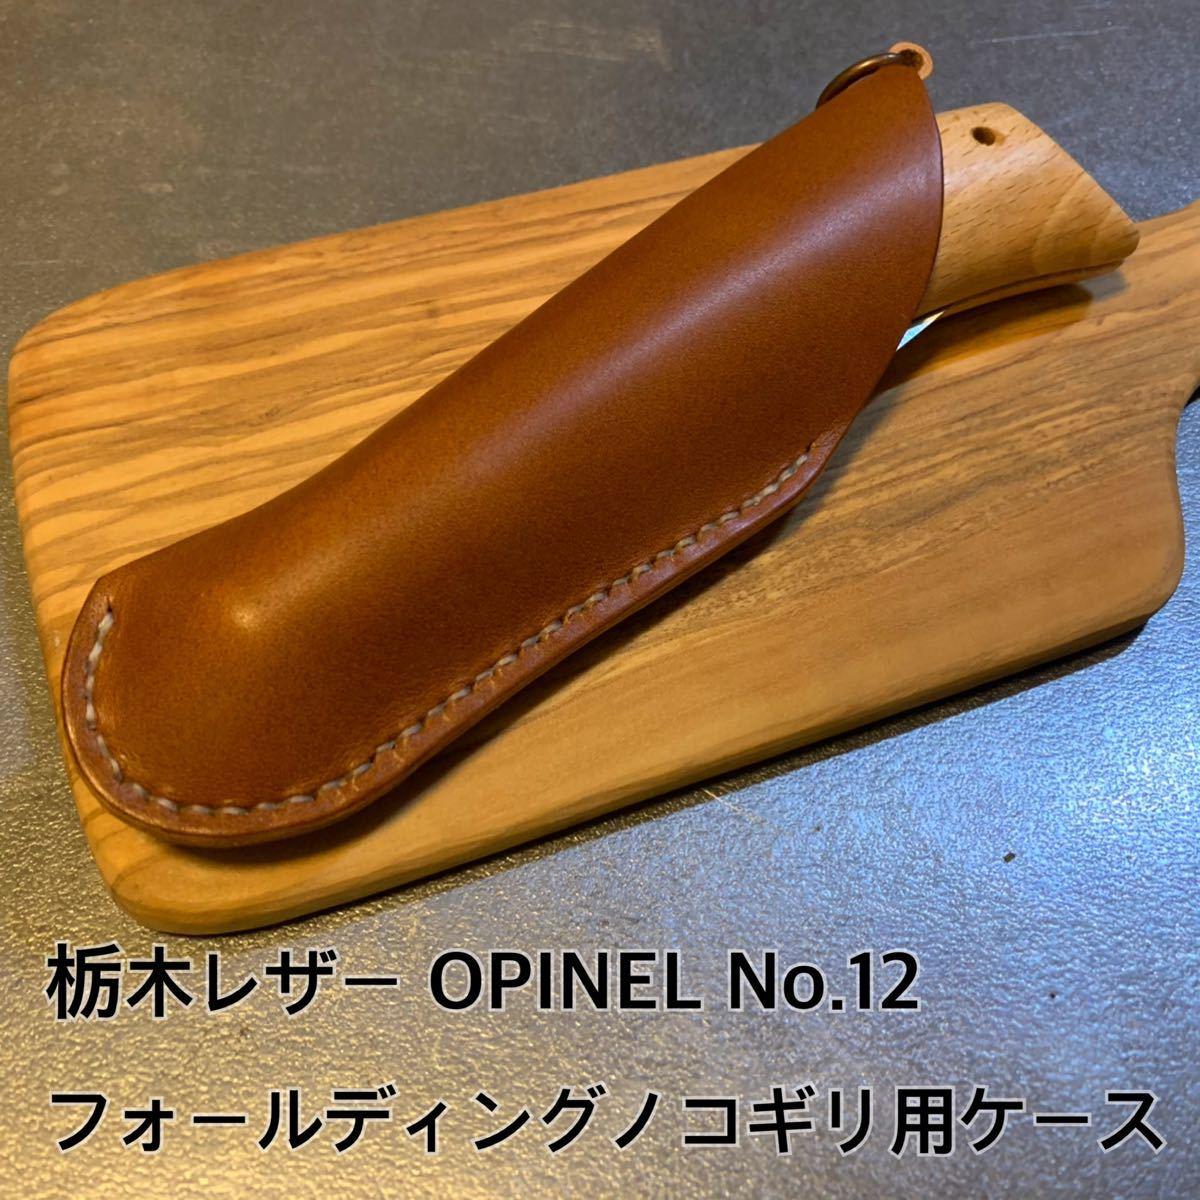 栃木レザー オピネルNo.12フォールディングノコギリ用ケース ブラウン色